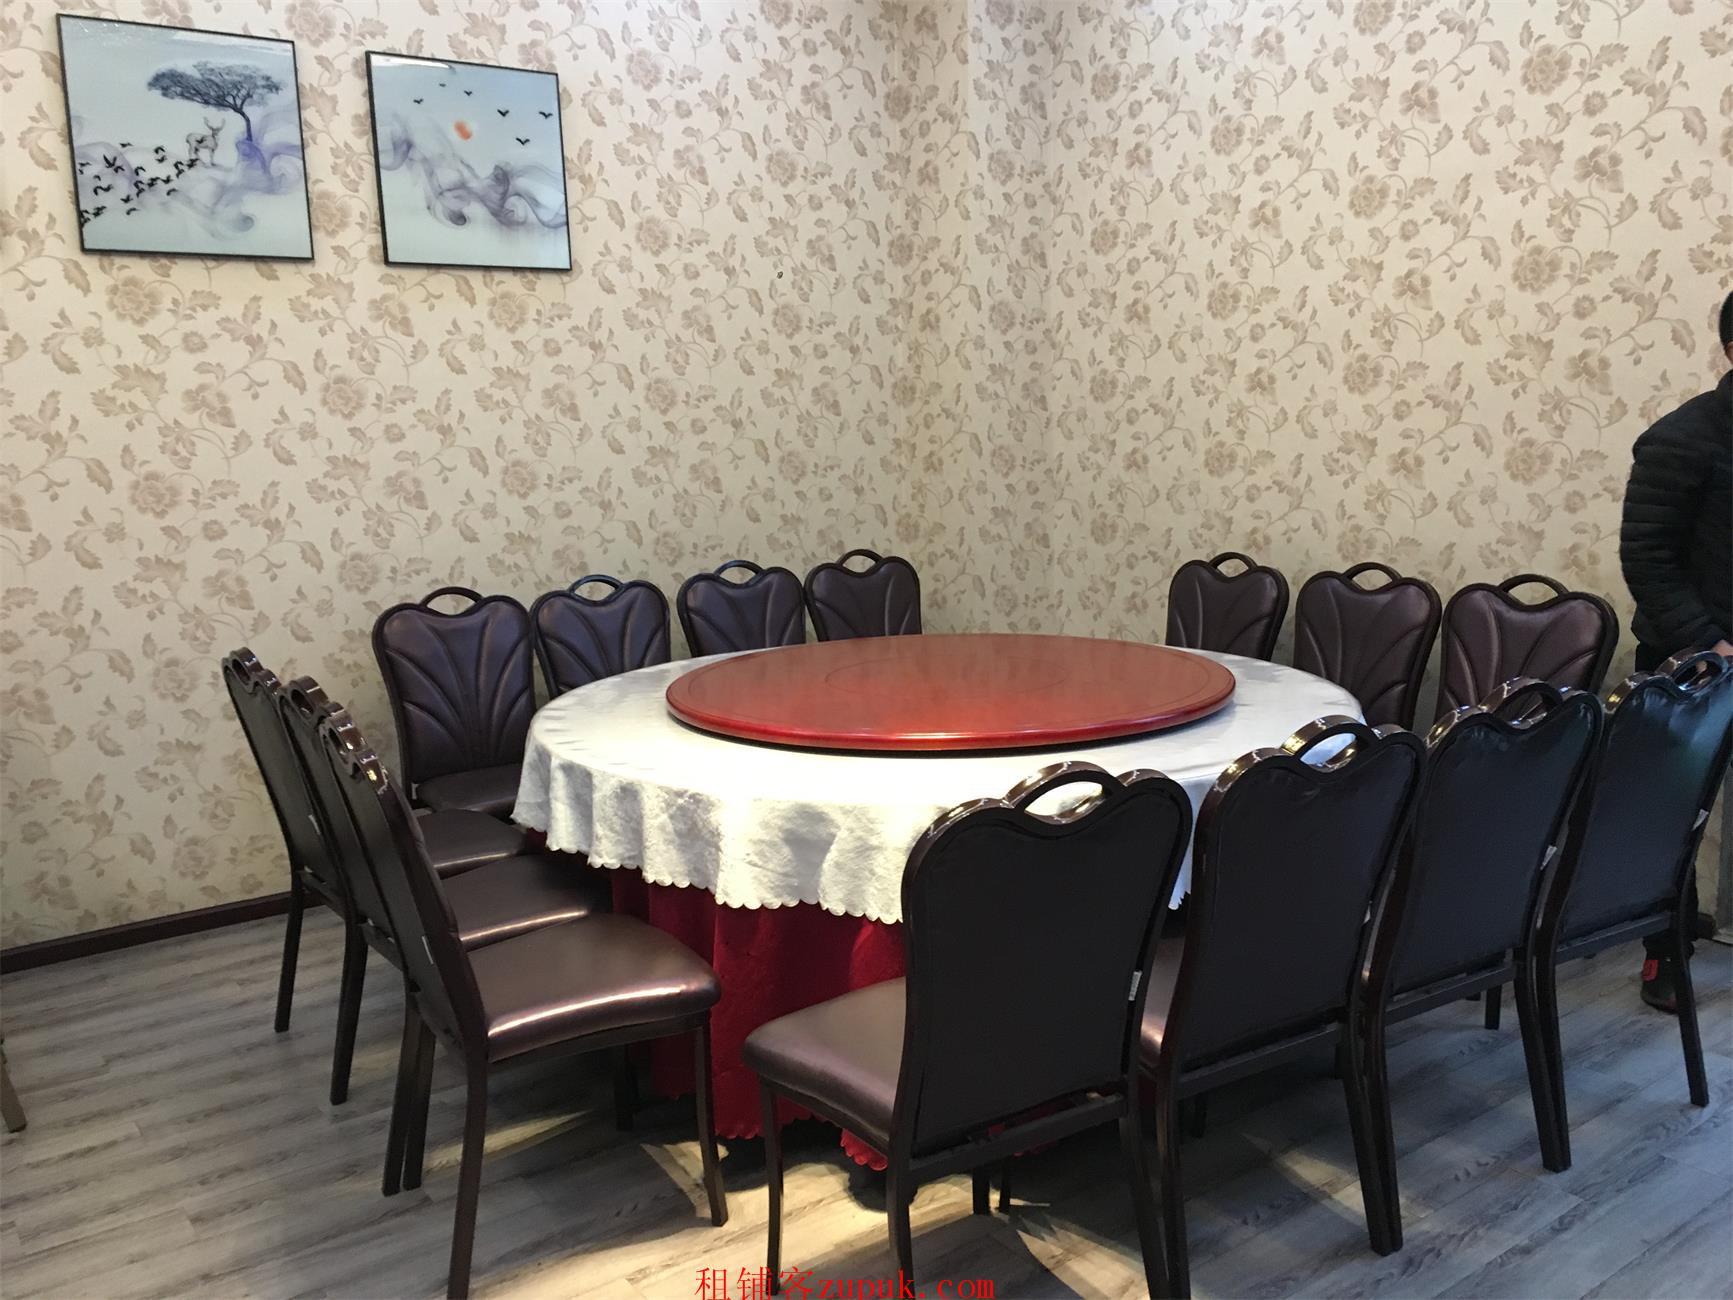 南明区保利凤凰湾盈利餐饮店生意转让